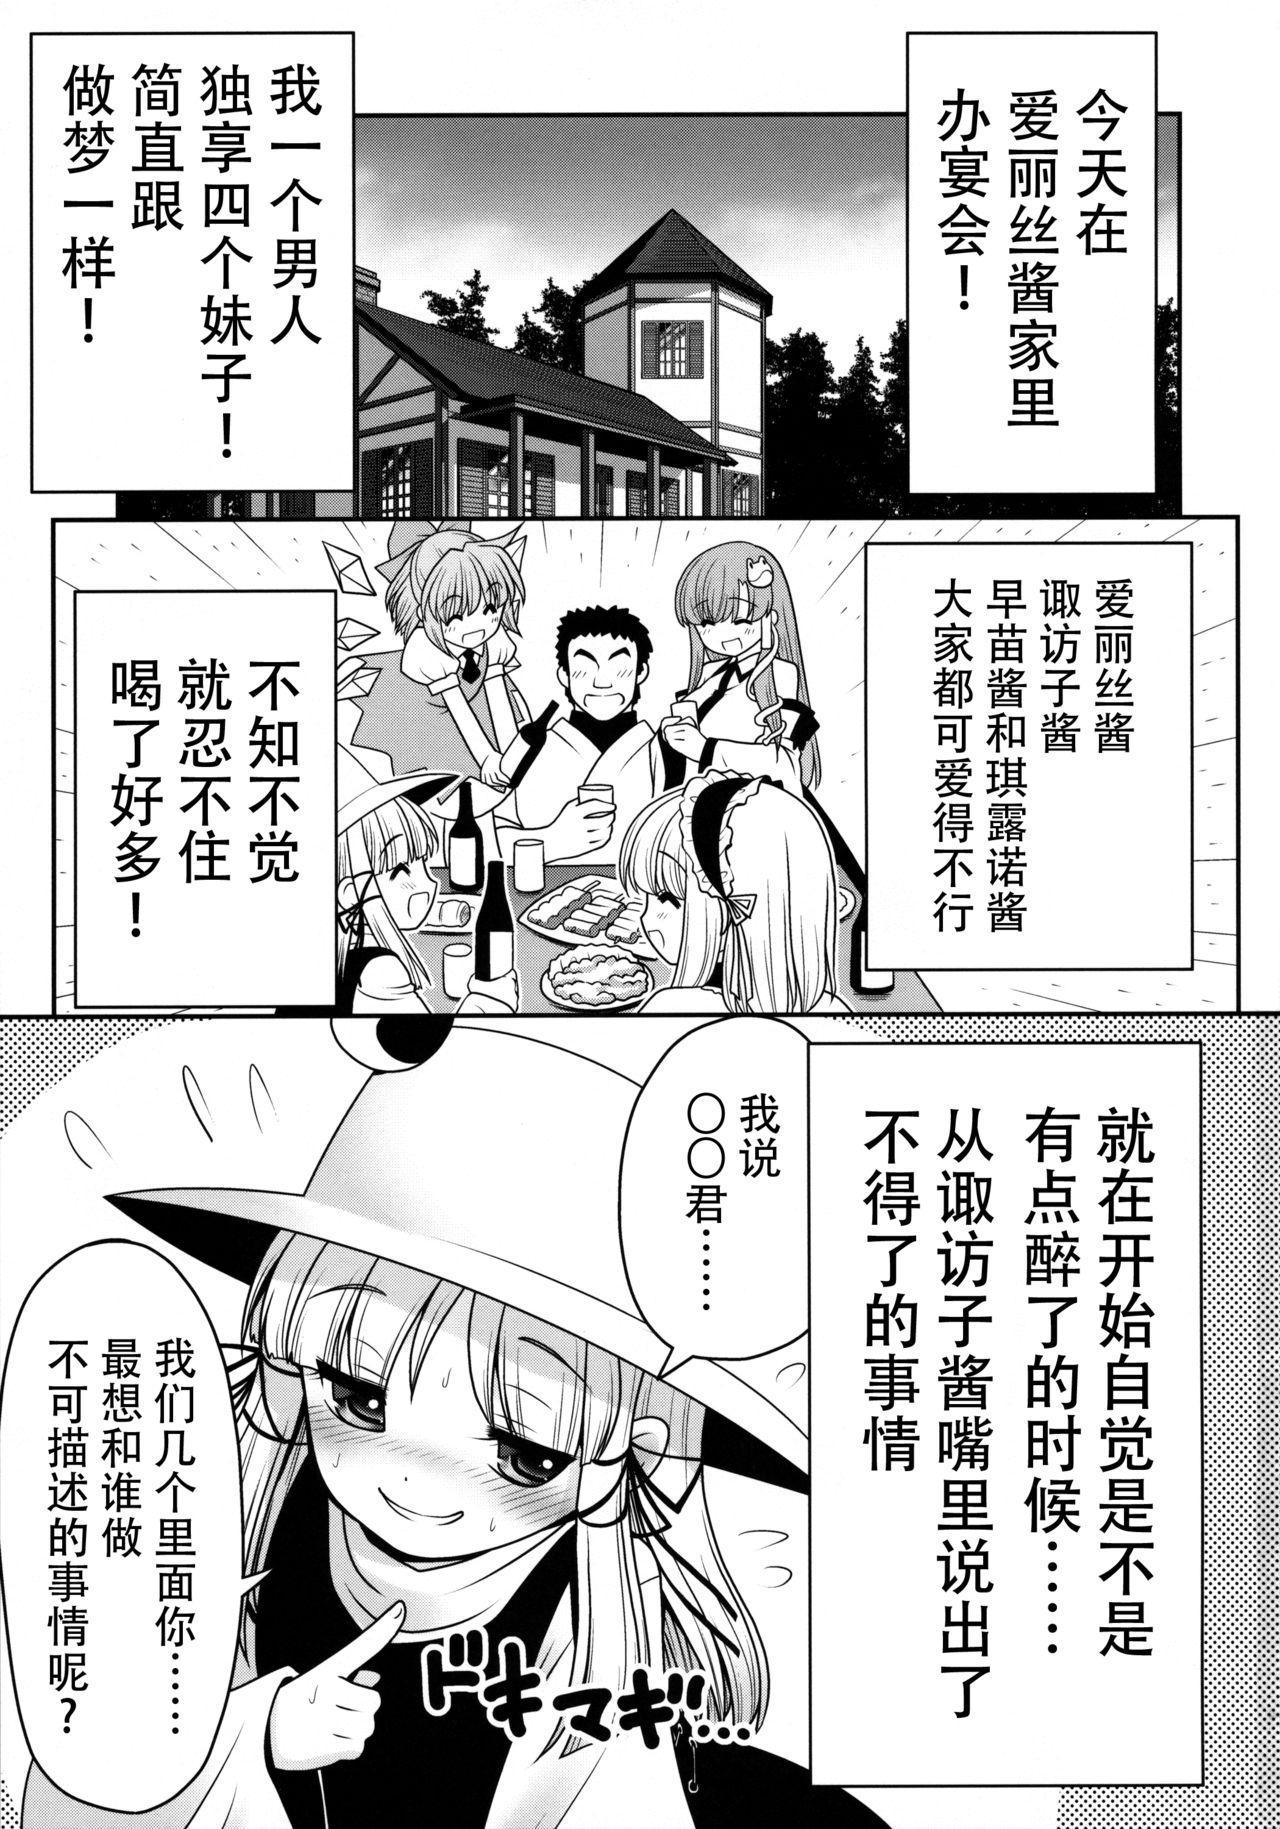 Watashi o H no Aite ni Erande kudasai! 2